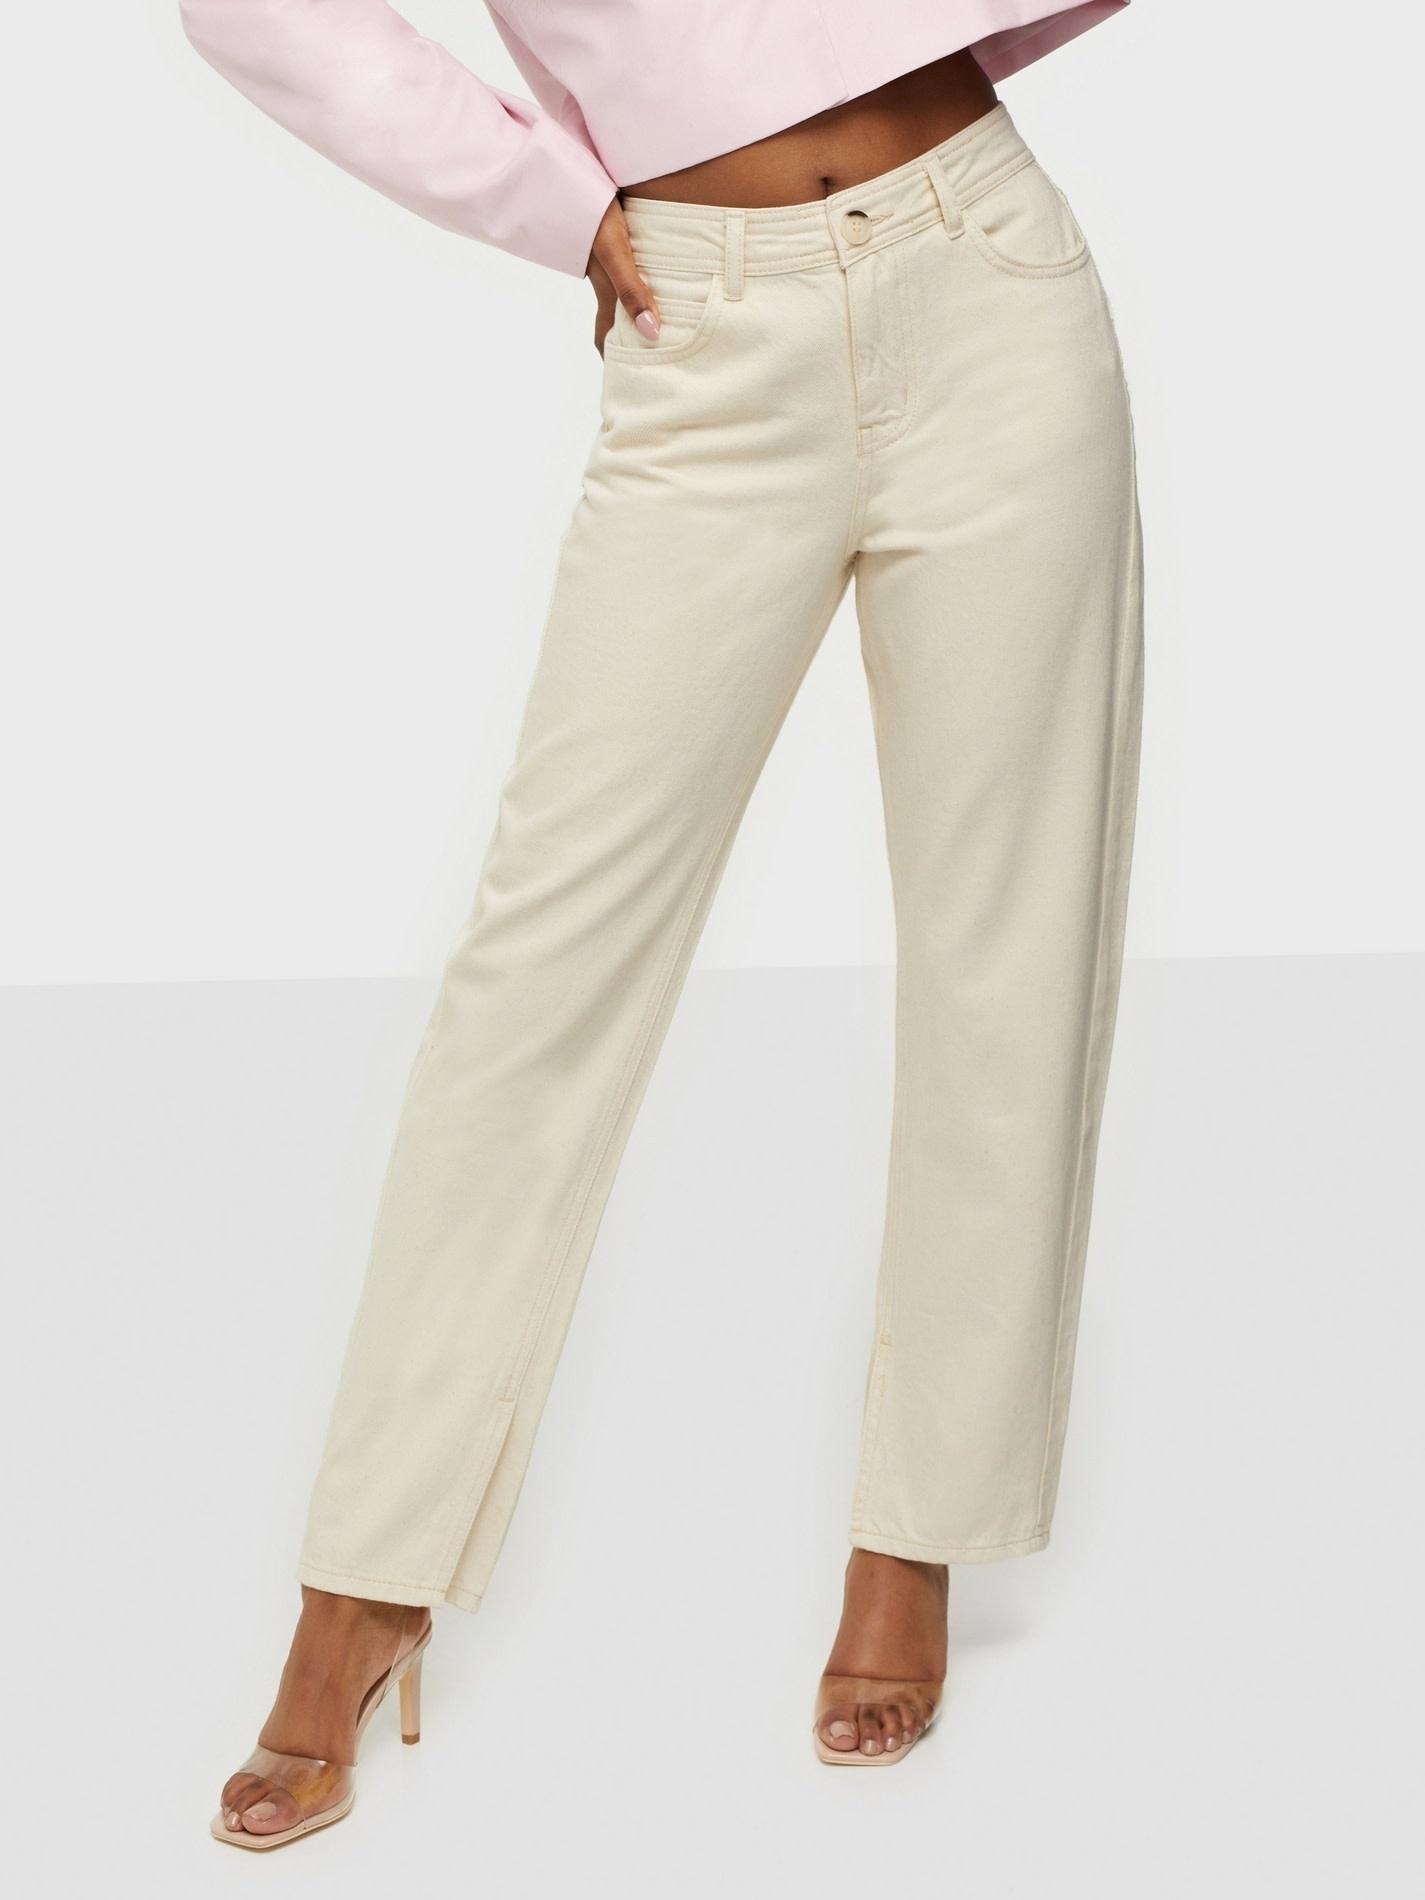 Kenzie Slit Jeans-1